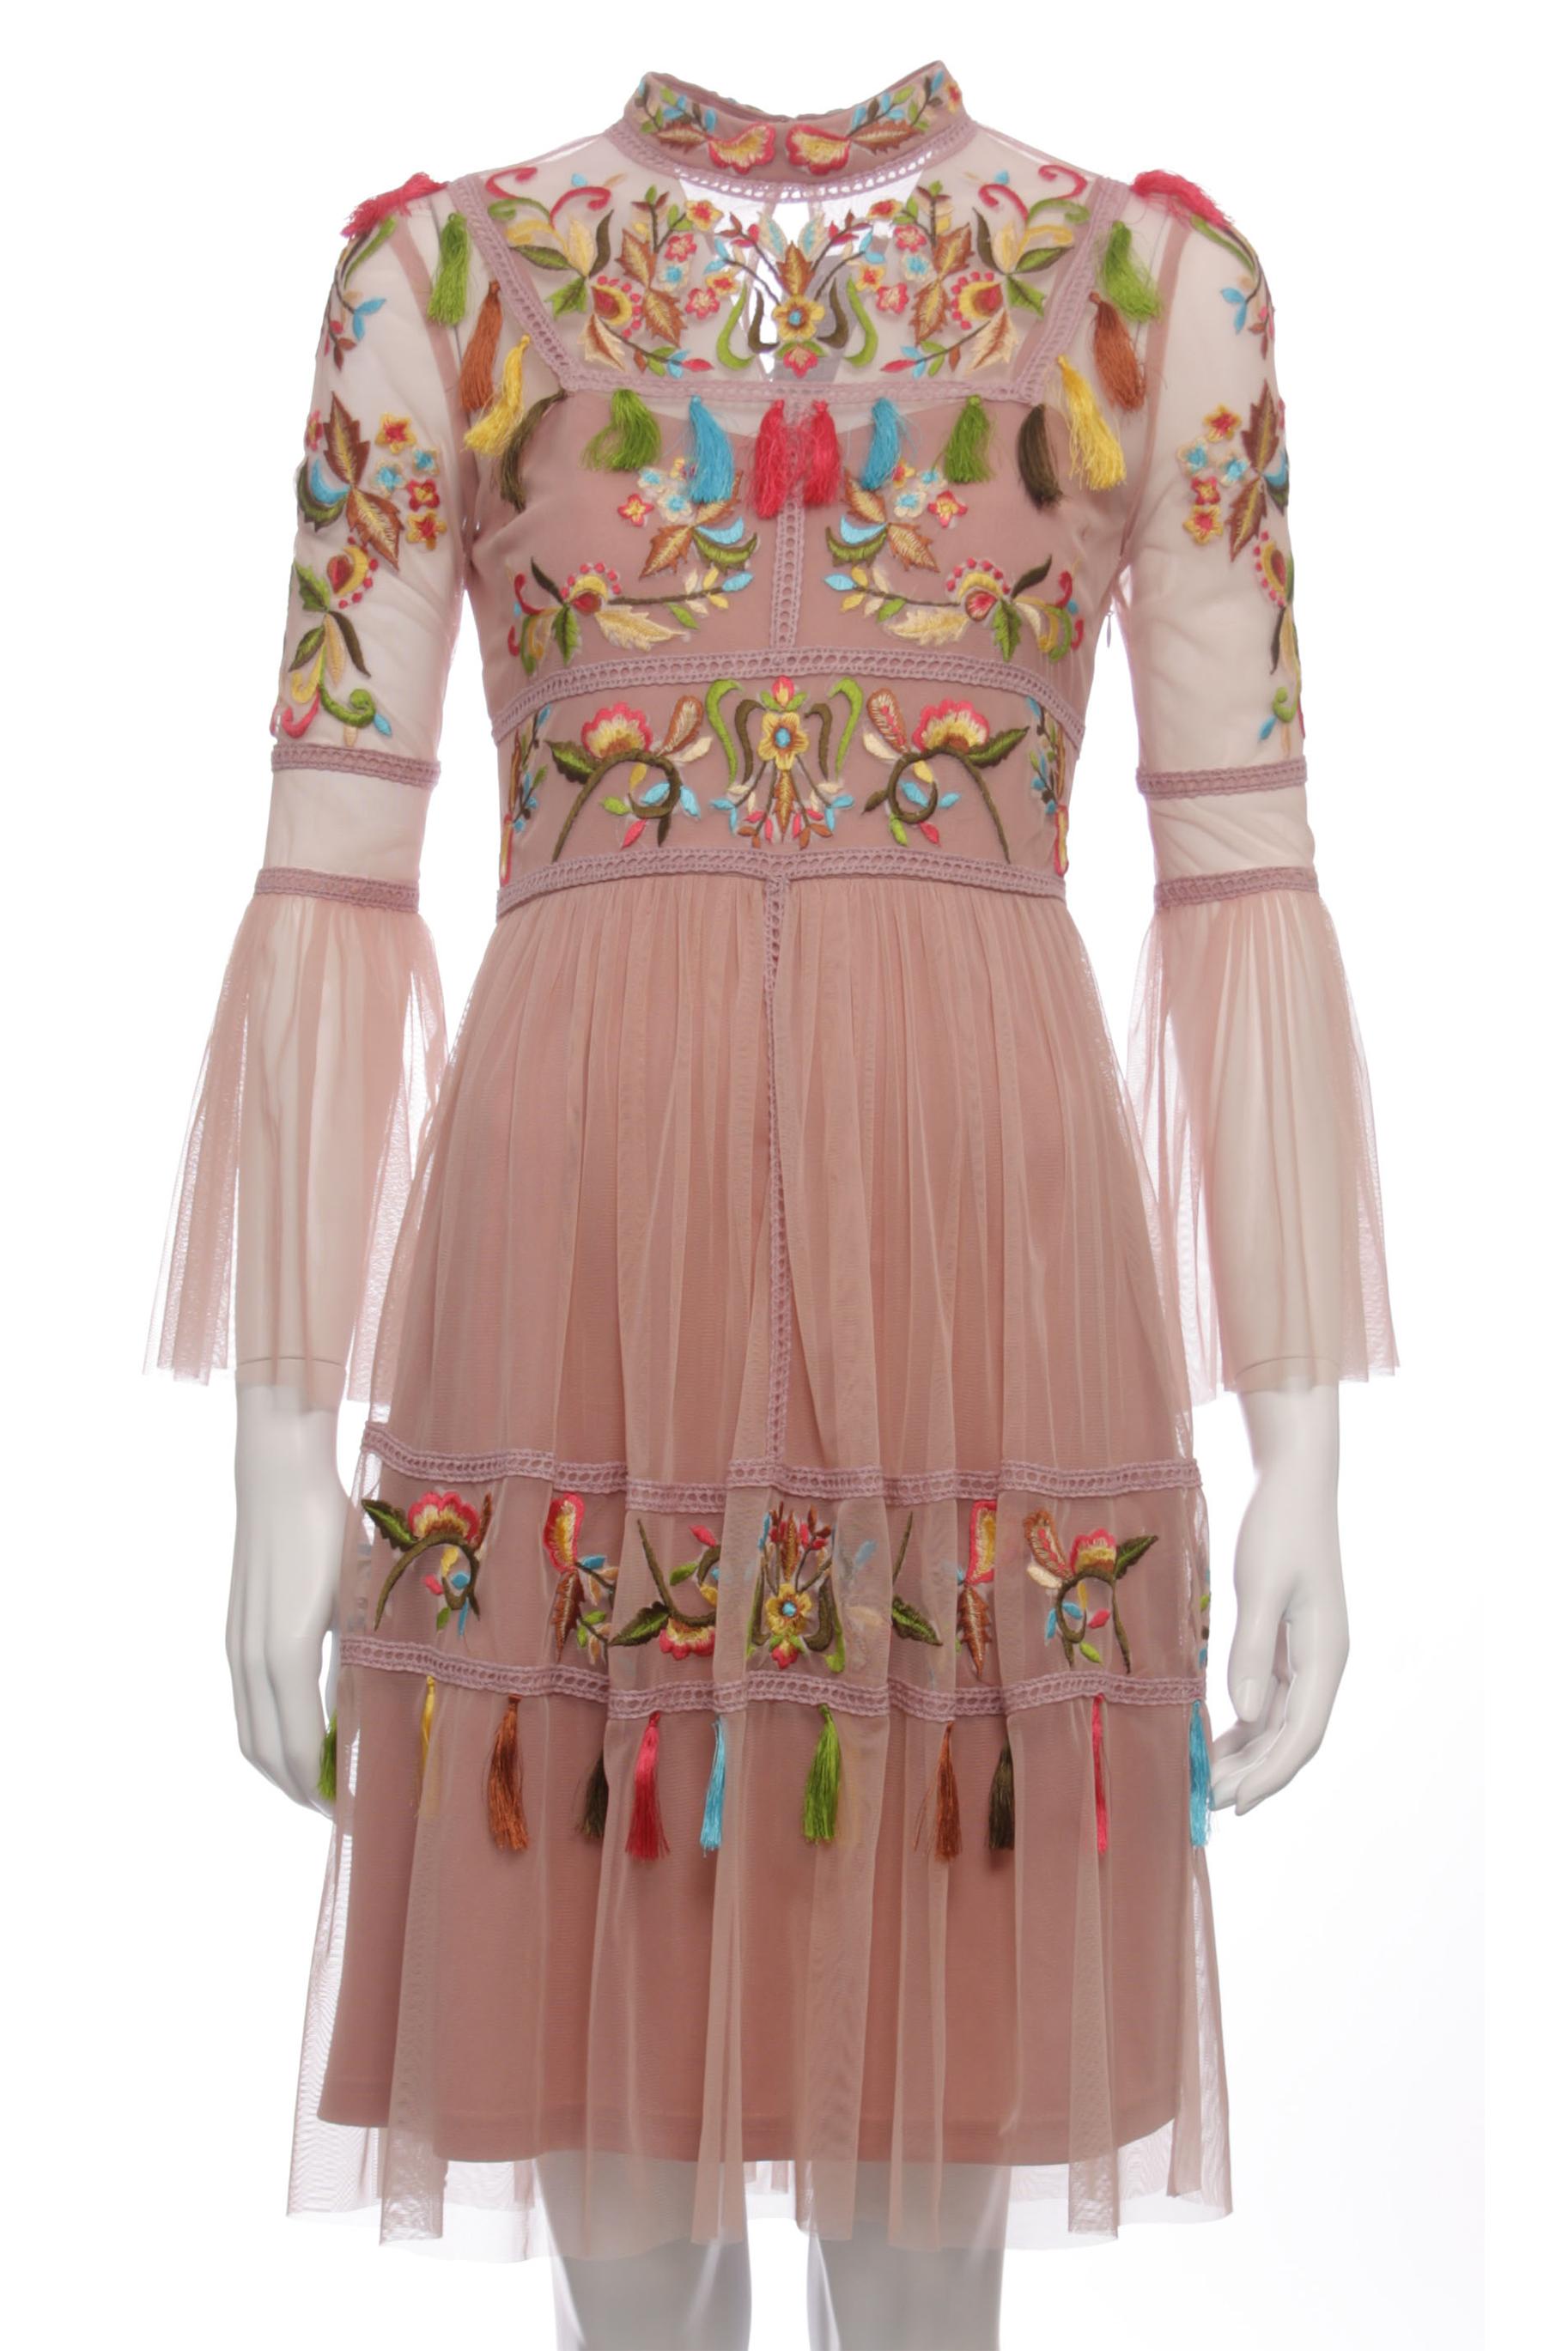 9d34850b195841 Wzór: sukienka wielokolorowa Cała długość: 84 cm Szczegół: tiulowa sukienka  wyszywana kolorowym haftem kwiatowym, długie rękawy w dzwoneczek Długość  rękawa: ...